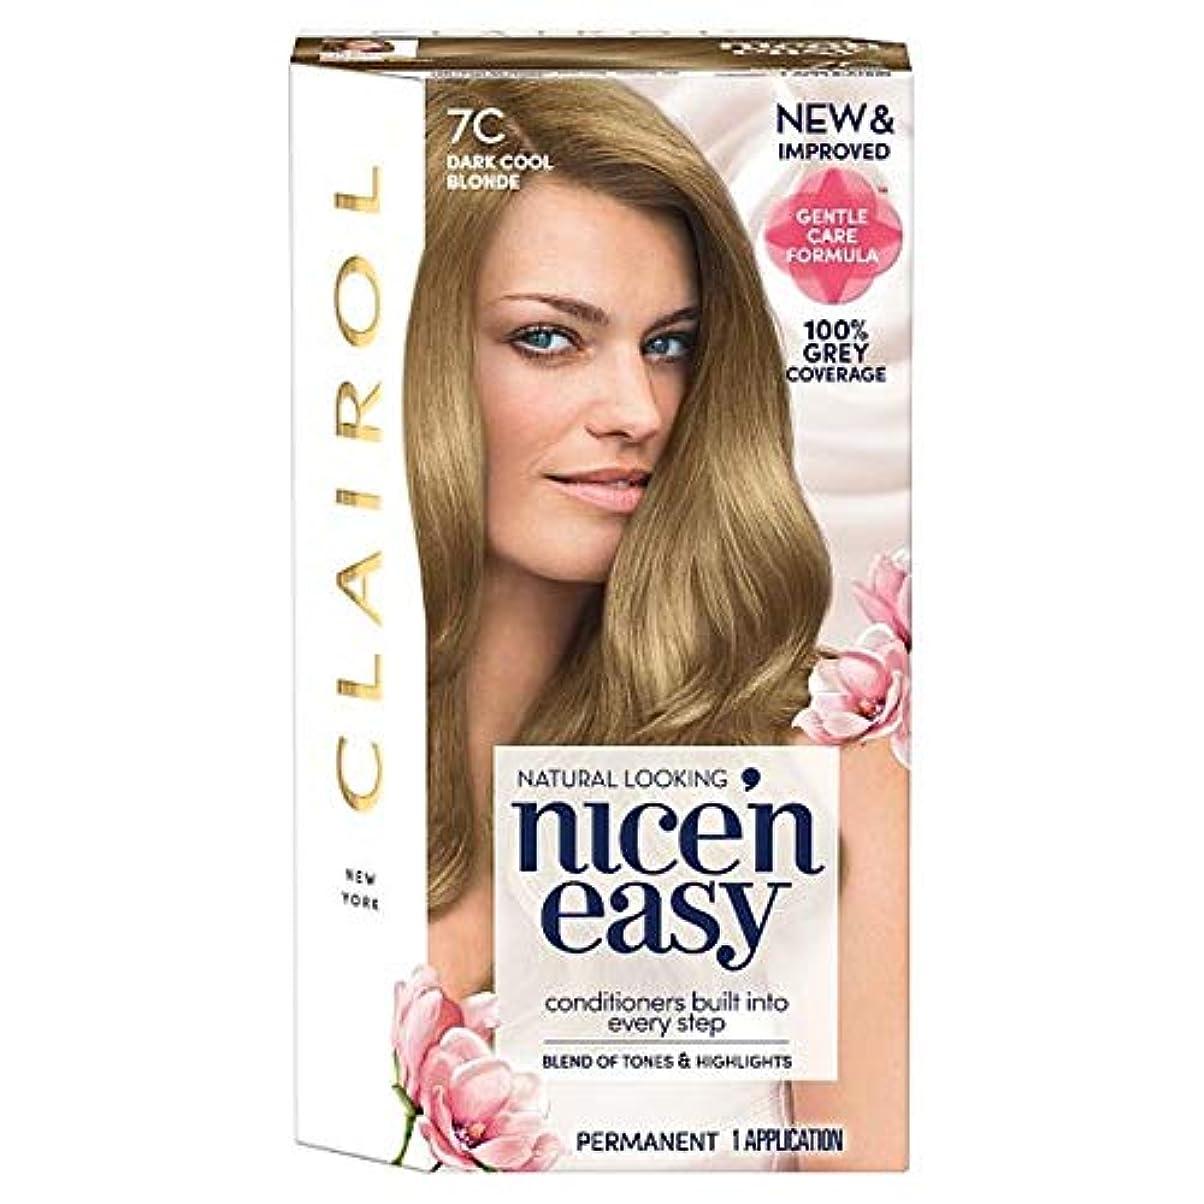 魅了するコンパニオン目に見える[Nice'n Easy] クレイロール素敵な「N簡単ダーククールなブロンド7Cの染毛剤 - Clairol Nice 'N Easy Dark Cool Blonde 7C Hair Dye [並行輸入品]